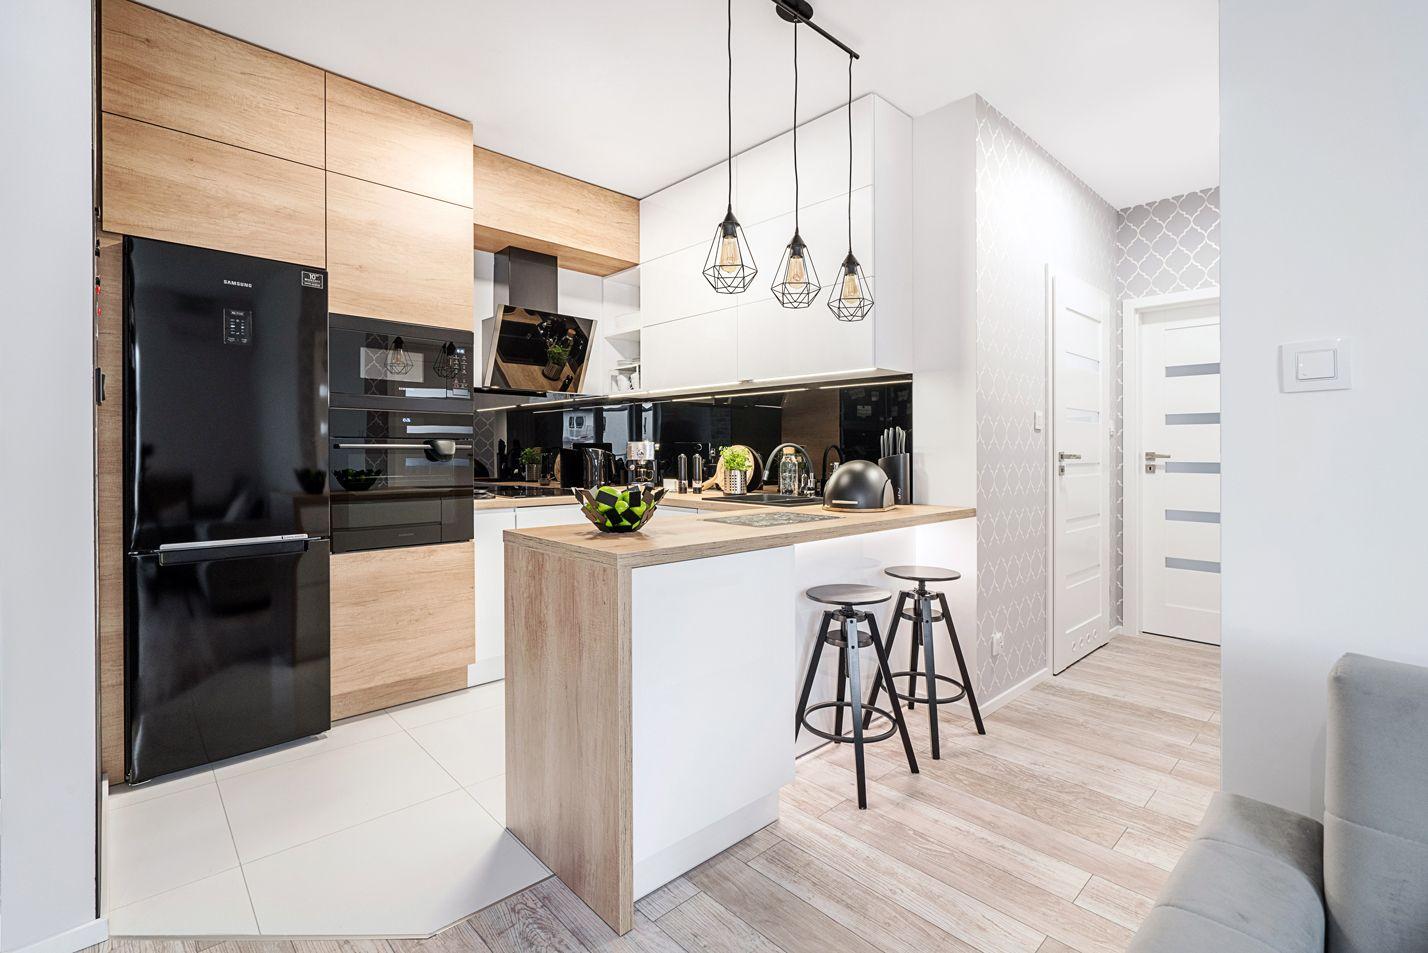 Kuchenna Wyspa To Taki Element Ktory Sprawdza Sie Nie Tylko Jako Miejsce Do Spozywania Posilkow Lub Dodatkowa Przestrzen Do Przechowy Home Decor Kitchen Decor